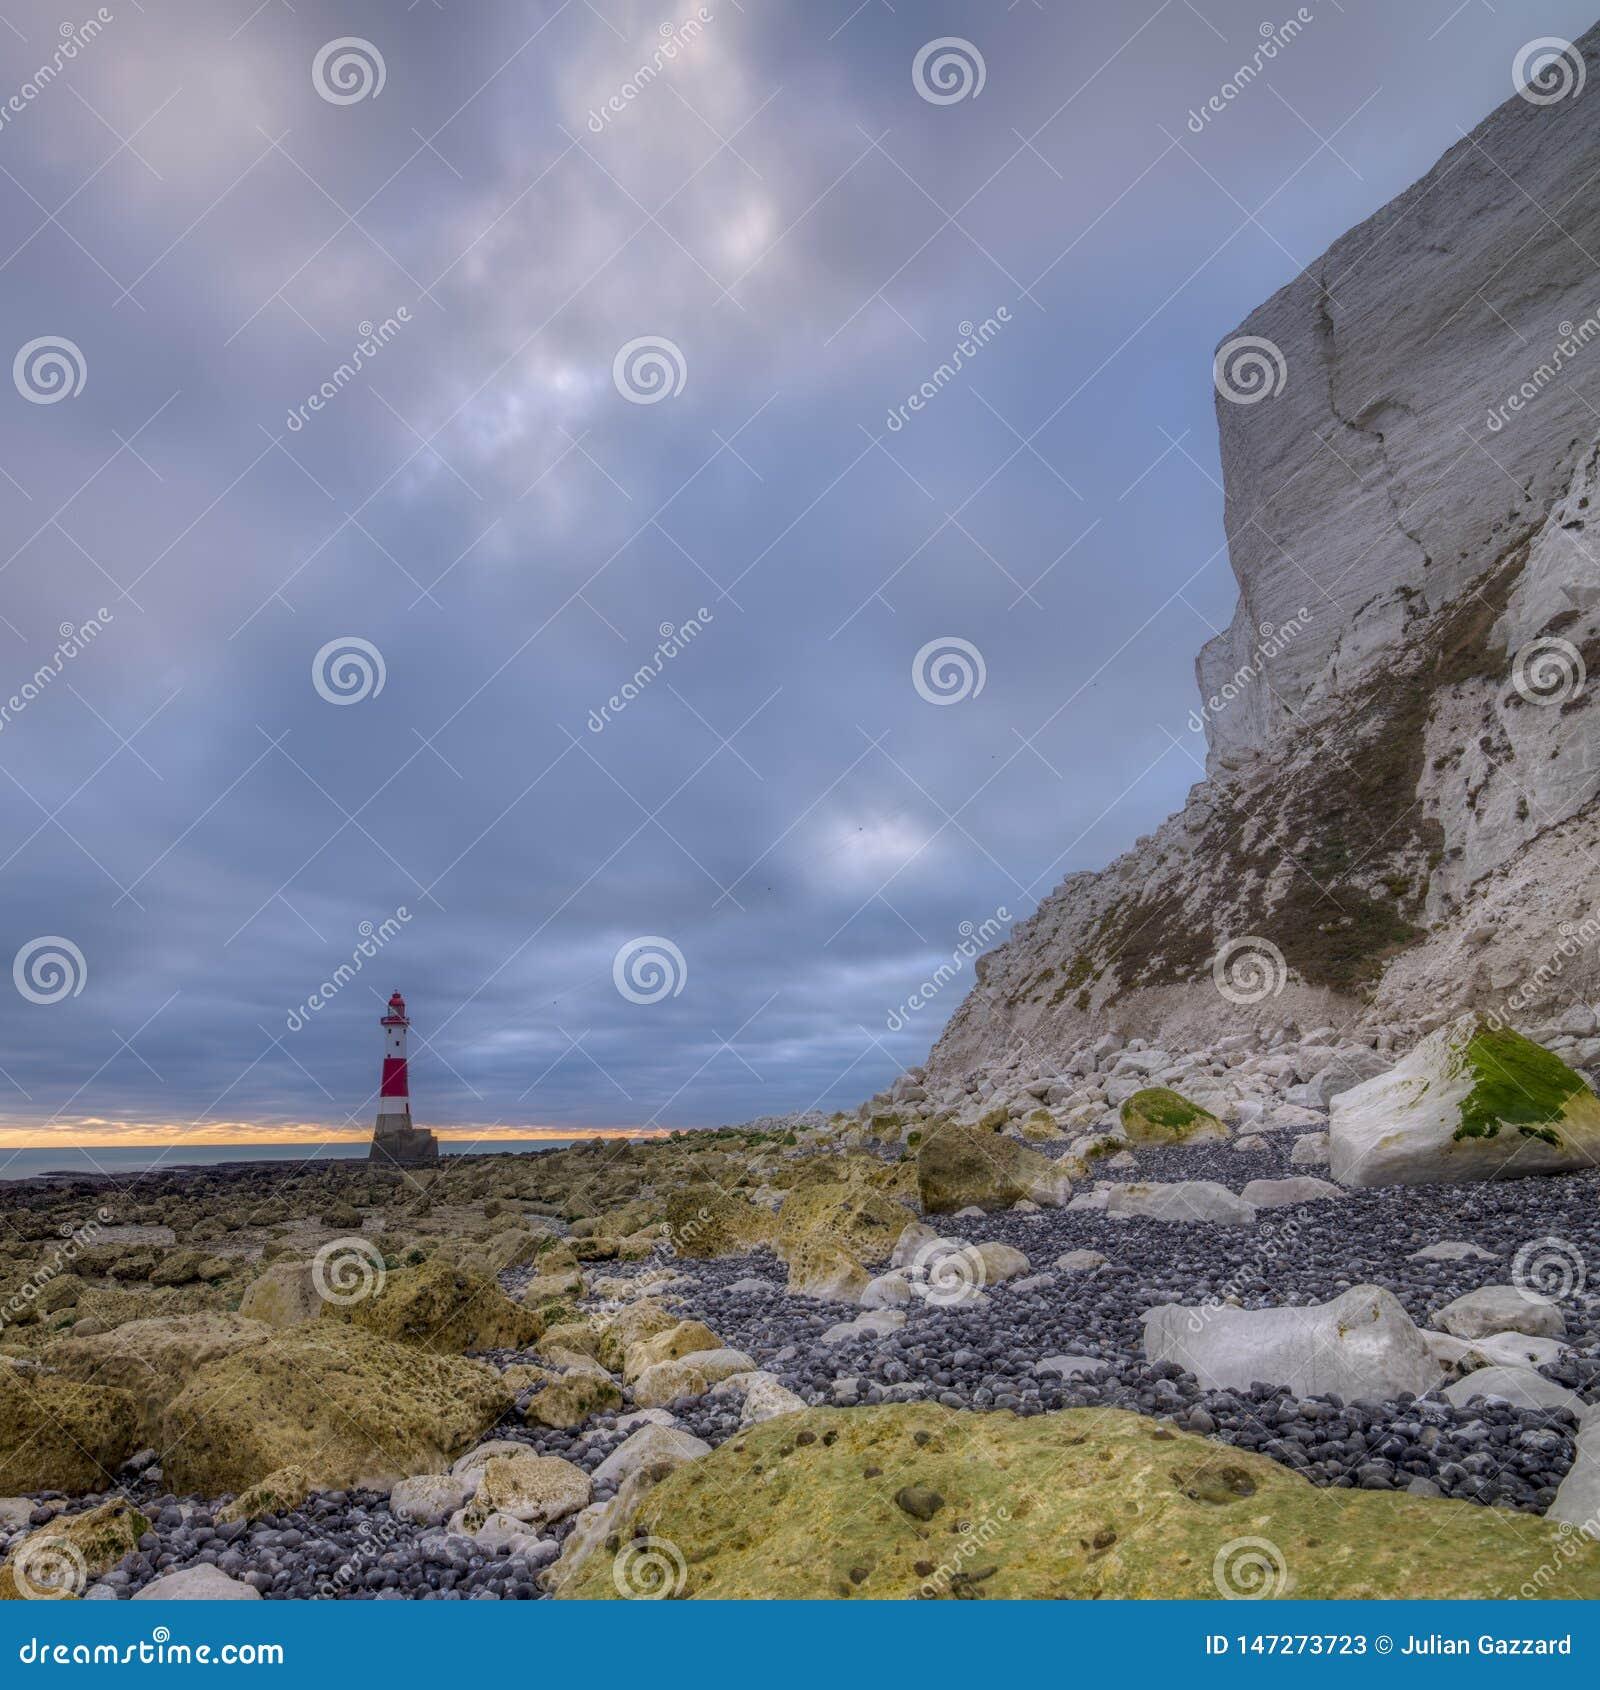 Luz principal con playas de una posici?n ventajosa baja - una imagen cosida del panorama con el proceso de HDR - East Sussex, Rei